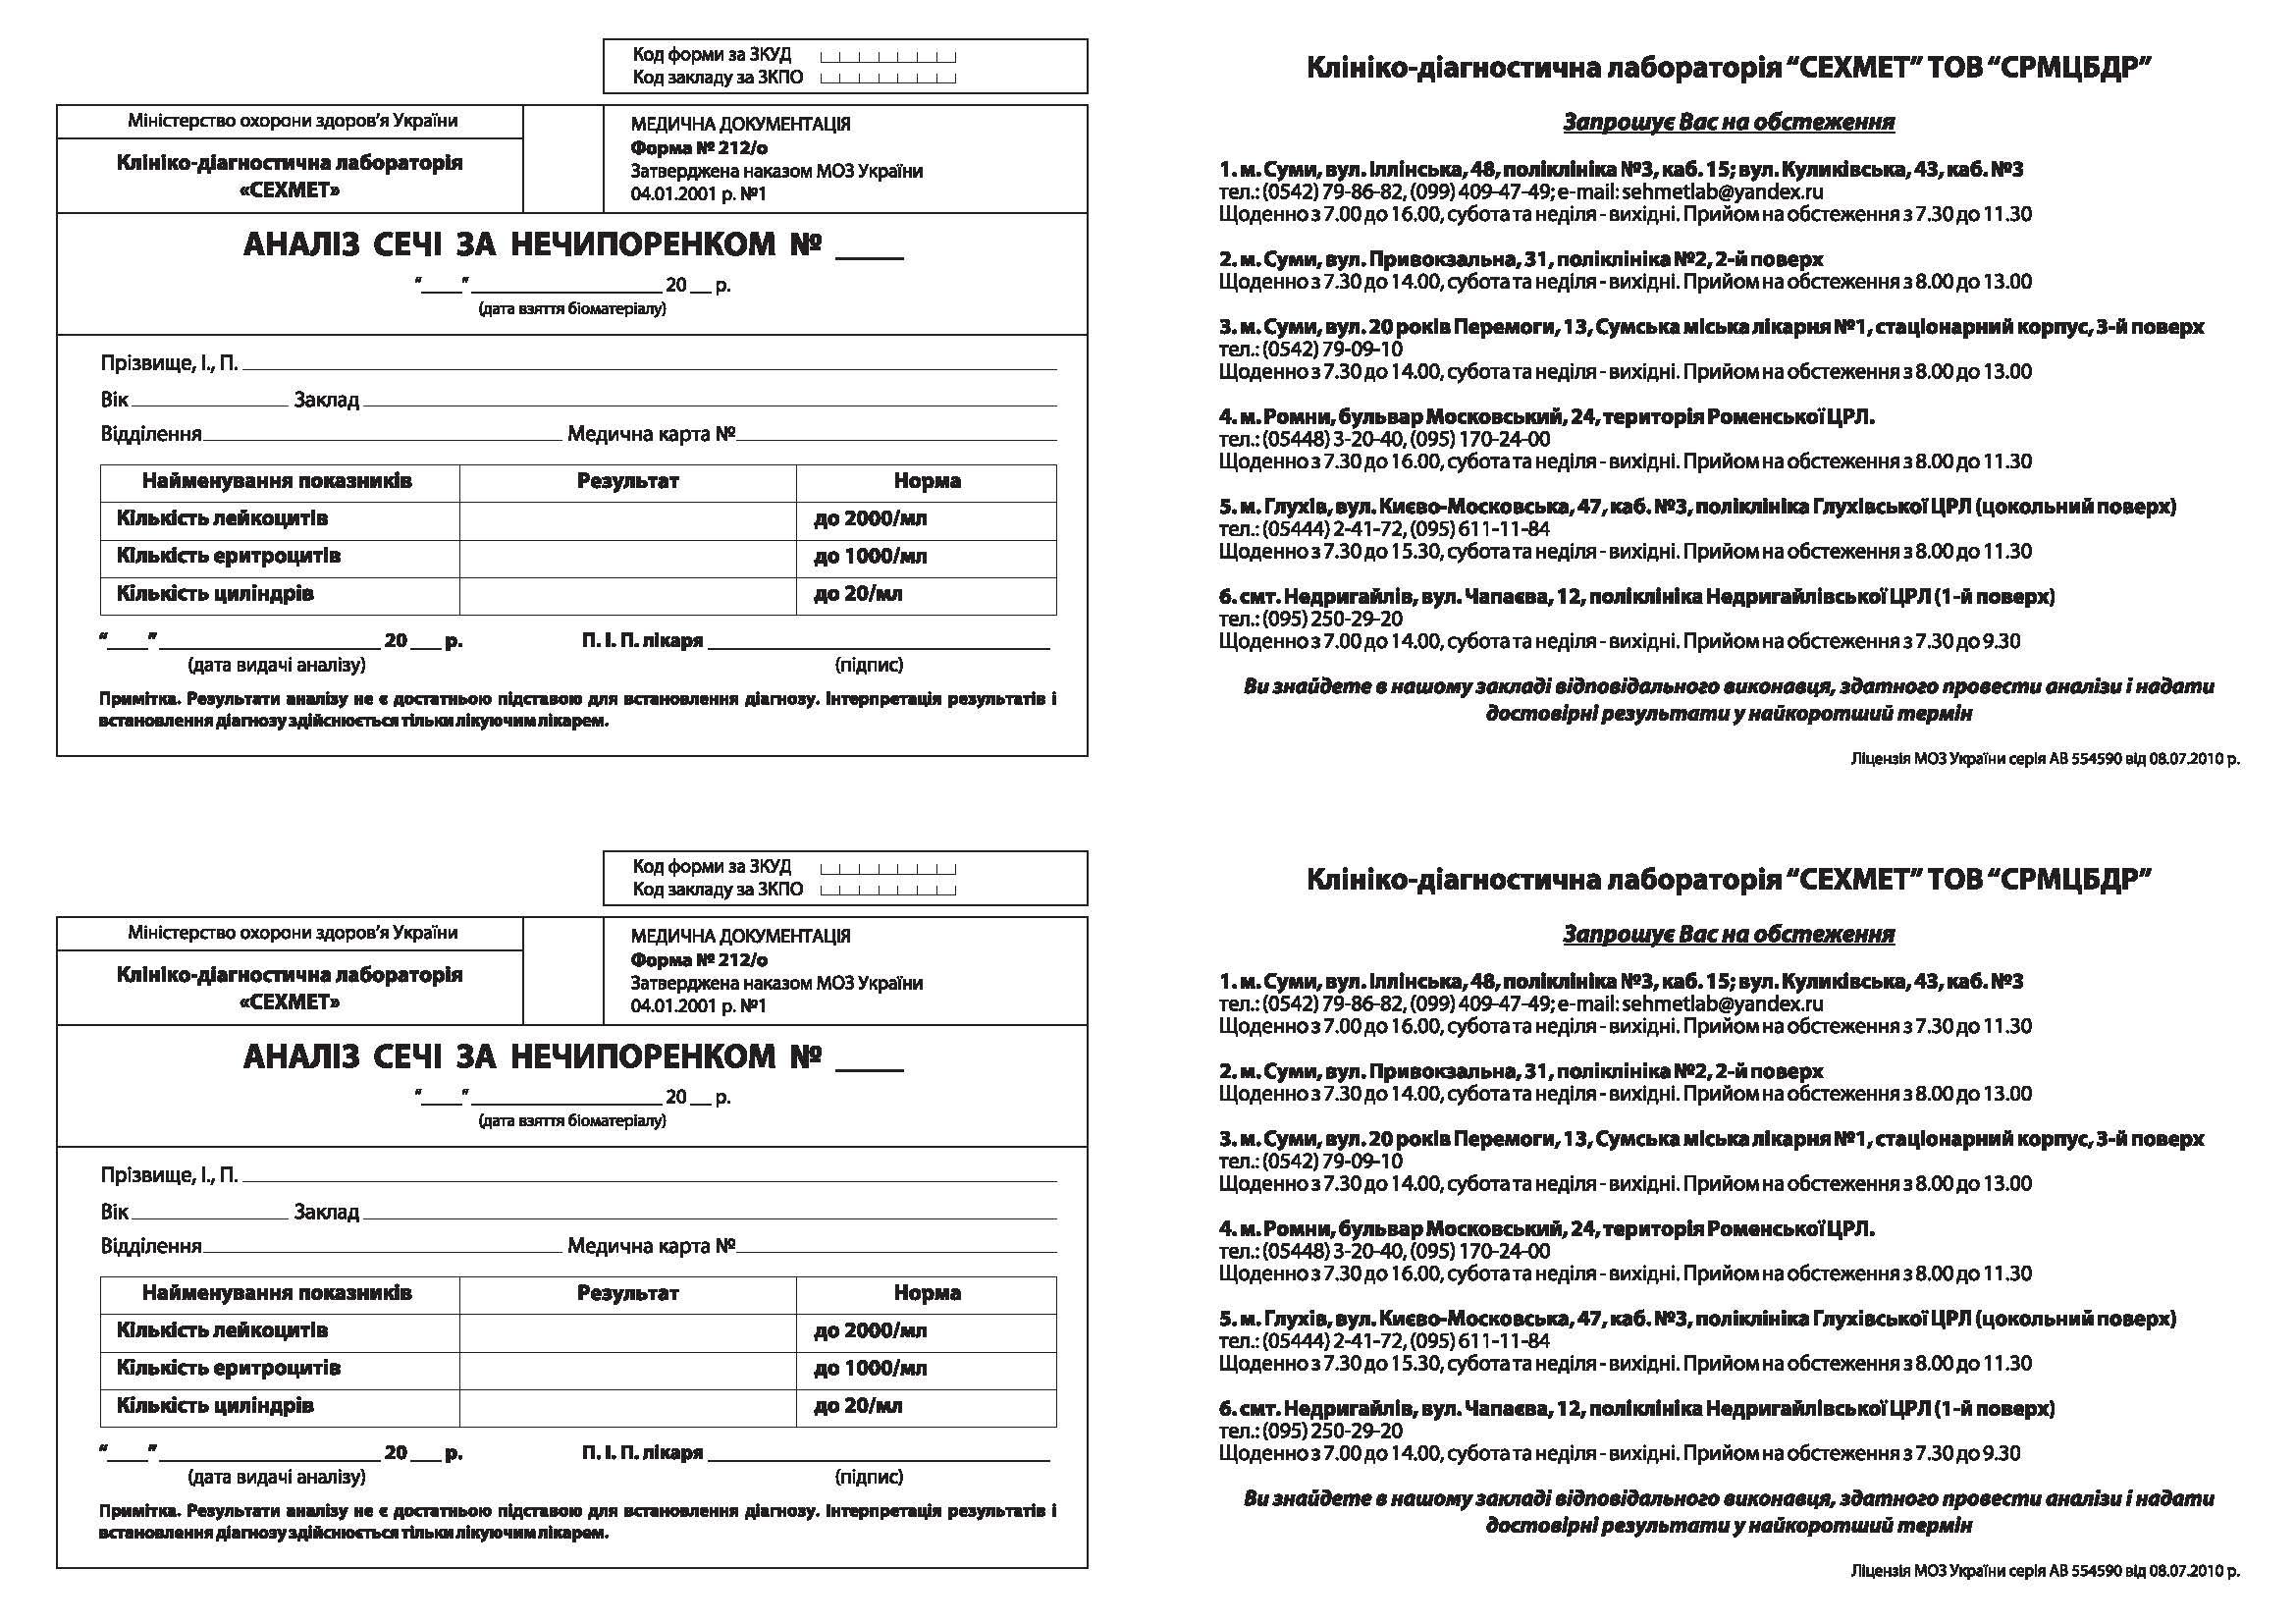 Анализ мочи по Нечипоренко - Анализы мочи - Анализы